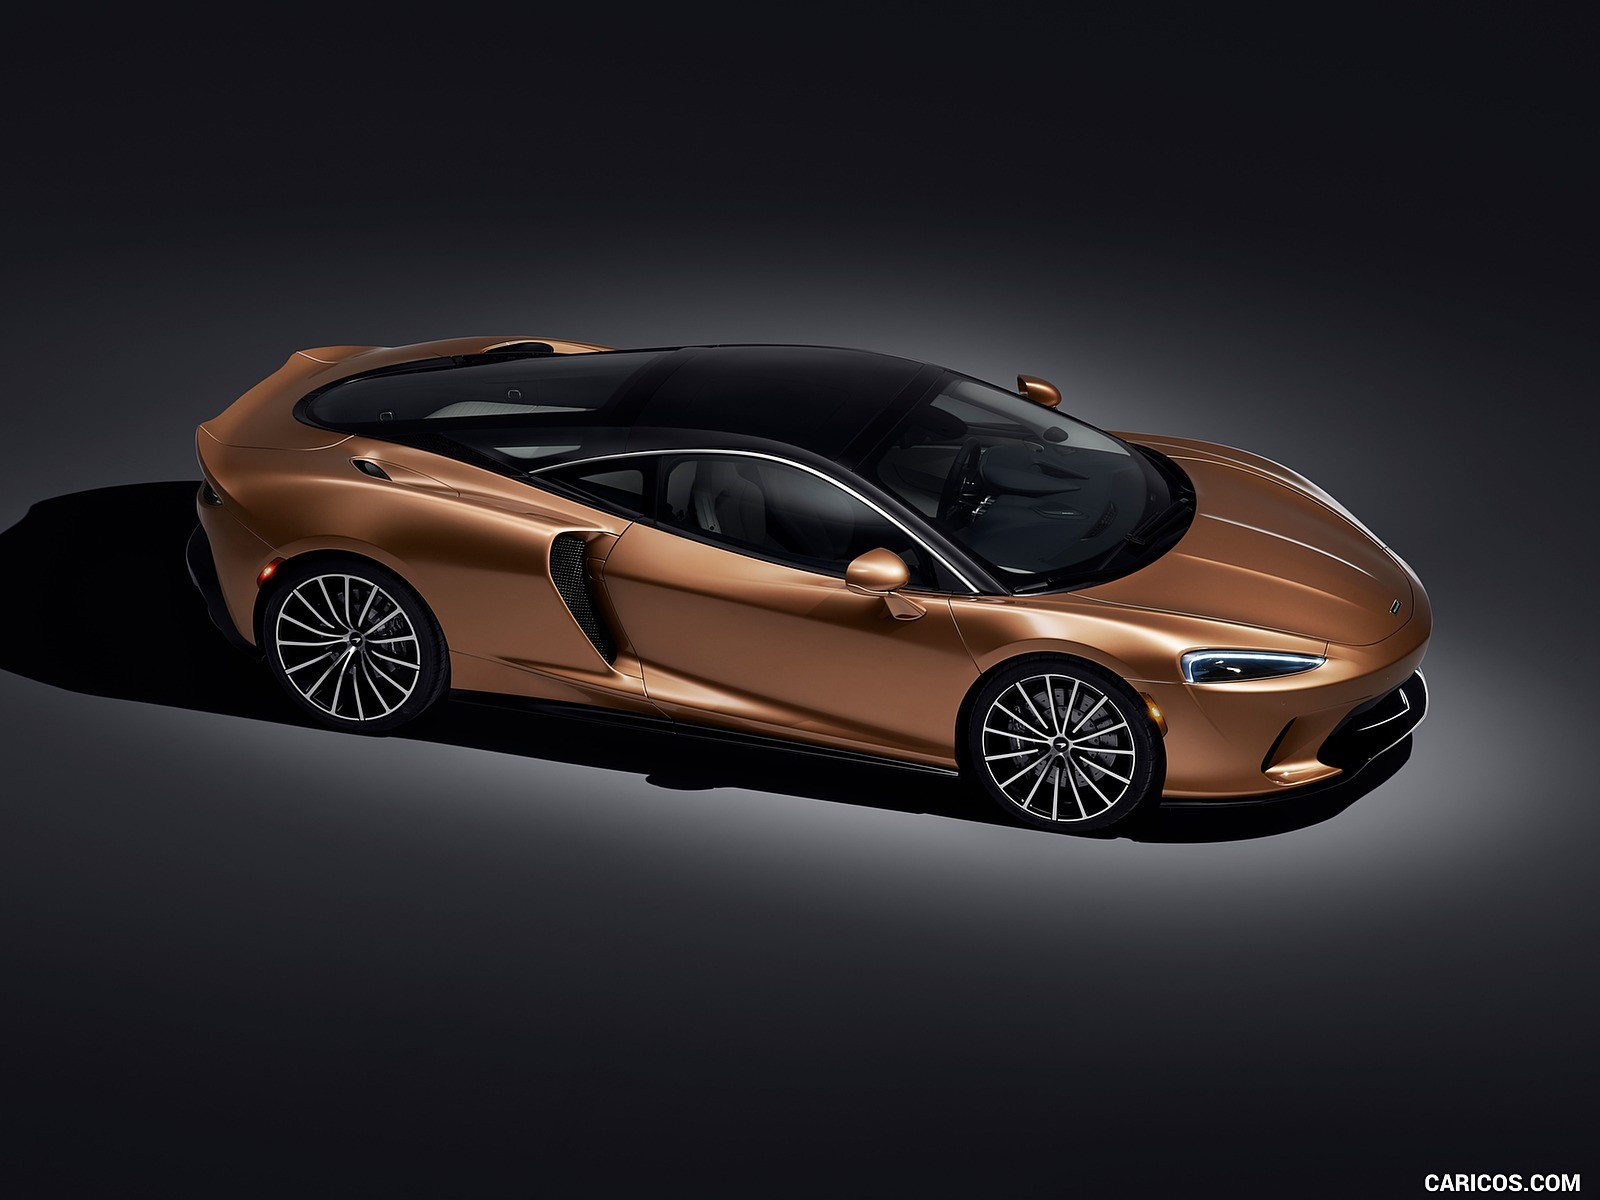 McLaren GT hd wallpapers